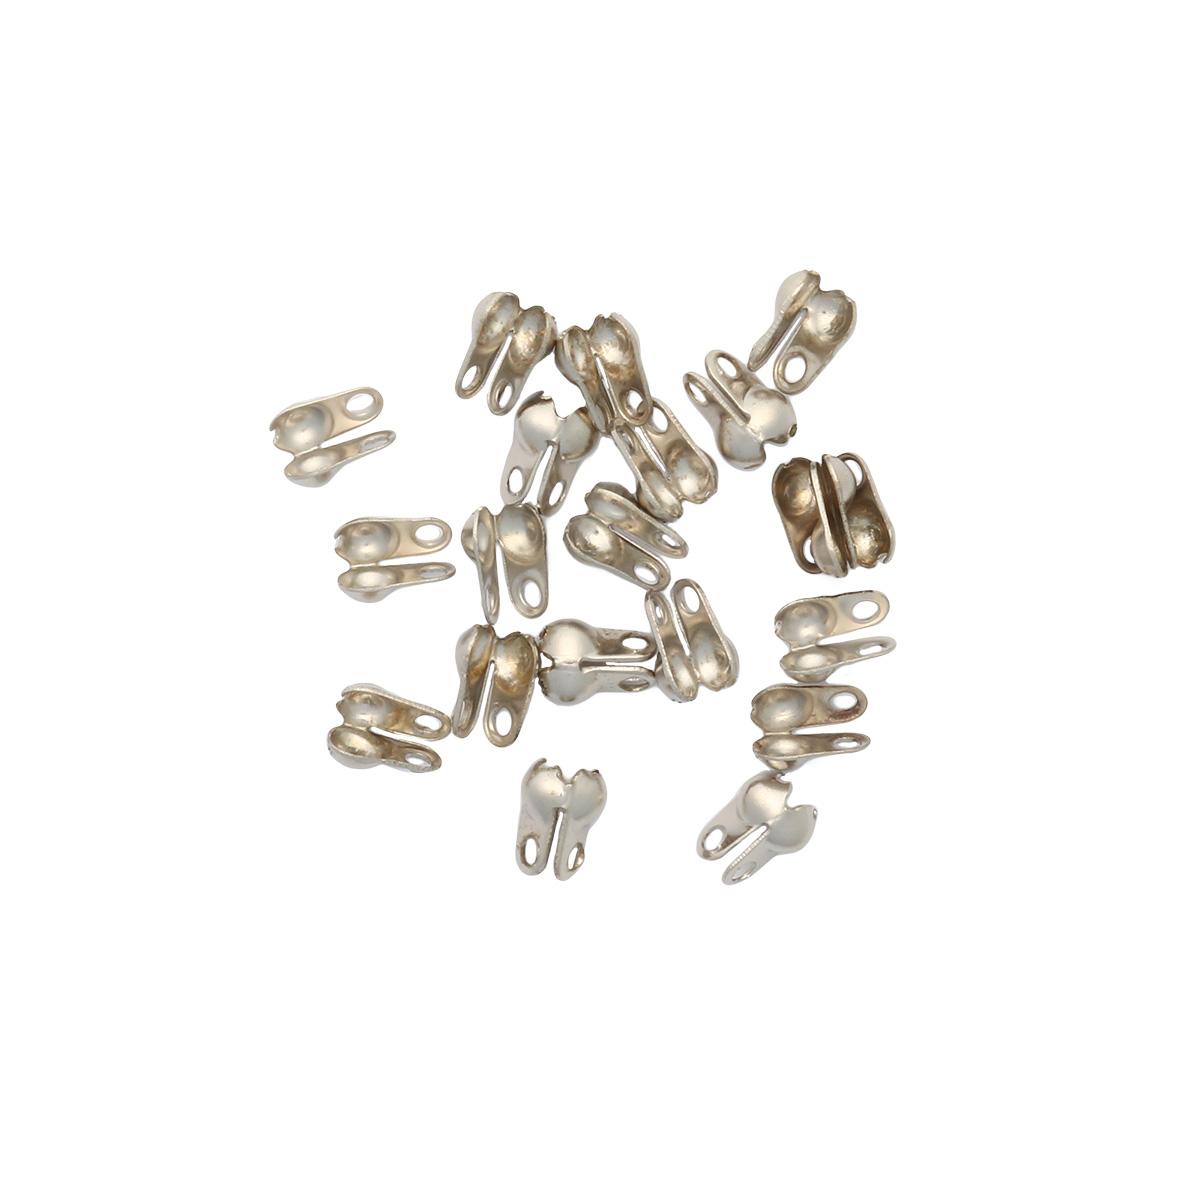 4AR220 Зажим для узла 2,4мм, 20/упак, Астра (Никель)